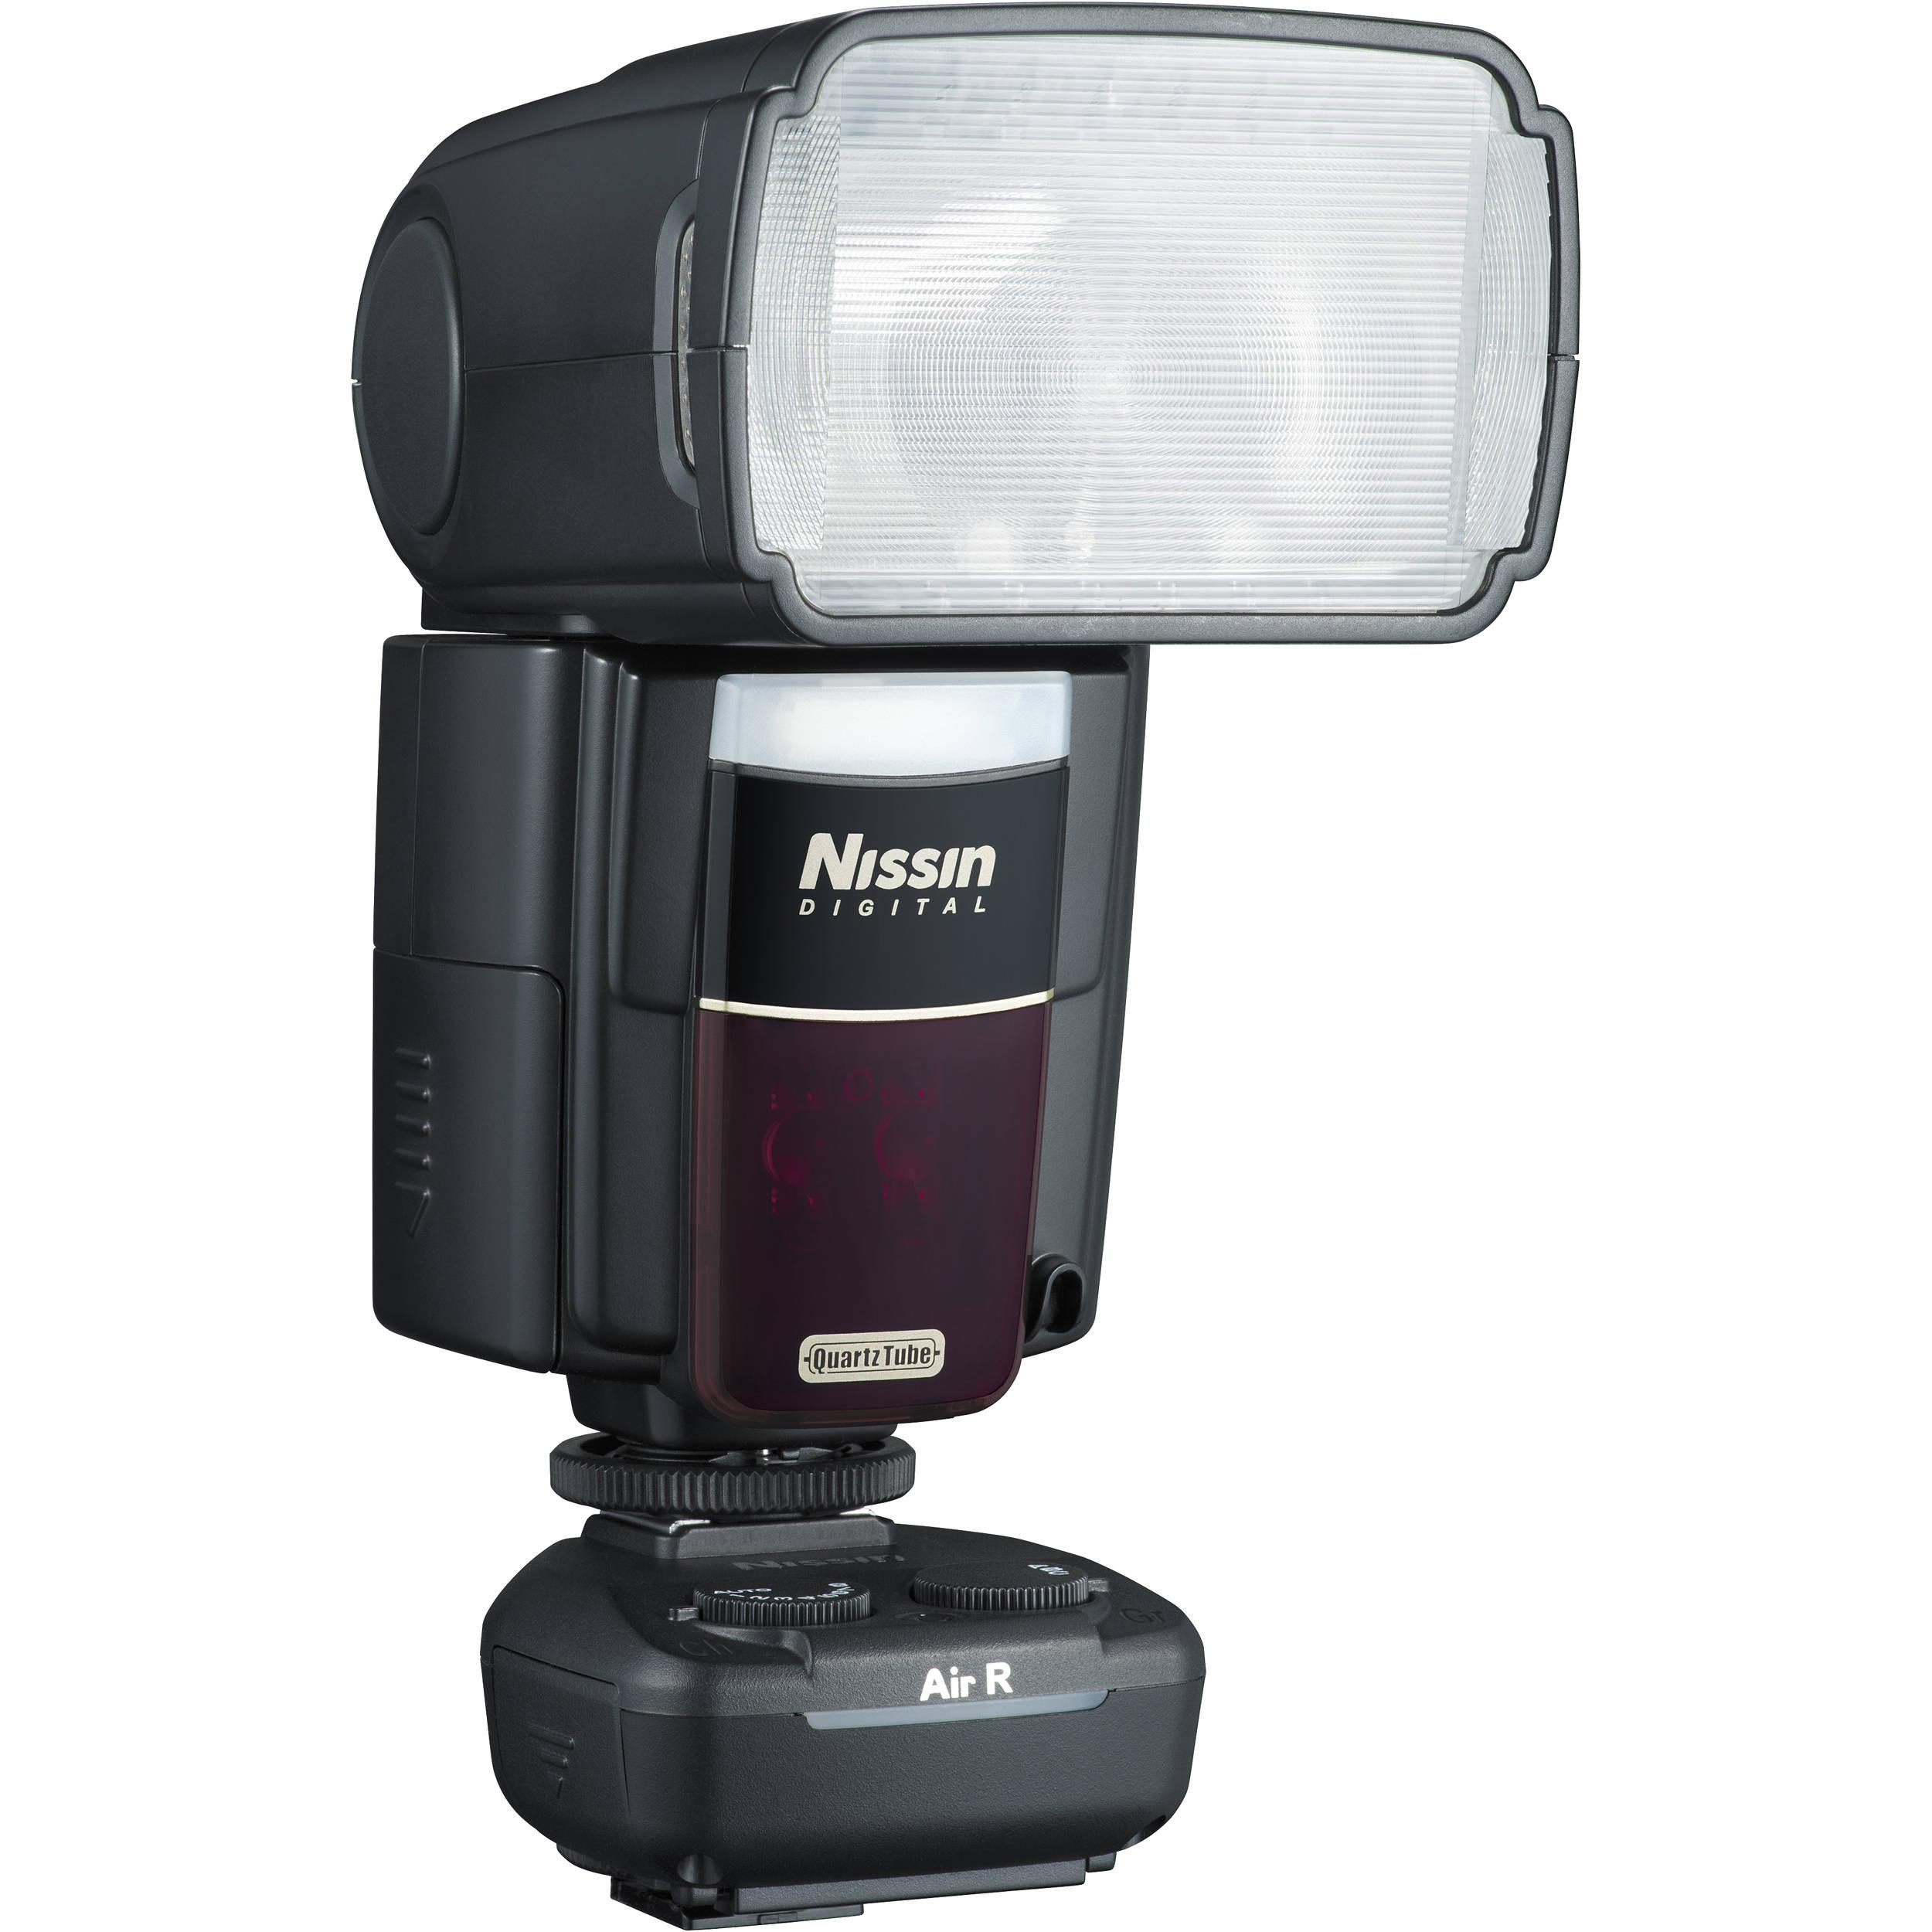 TOOGOO Filtre dEclairage R 1 x bande de fixation, 1 x Pochette de rangement 20 couleurs Gels photographiques Filtre dEclairage pour Canon // Nikon // Oloong // Yongnuo FLash // Speedlite